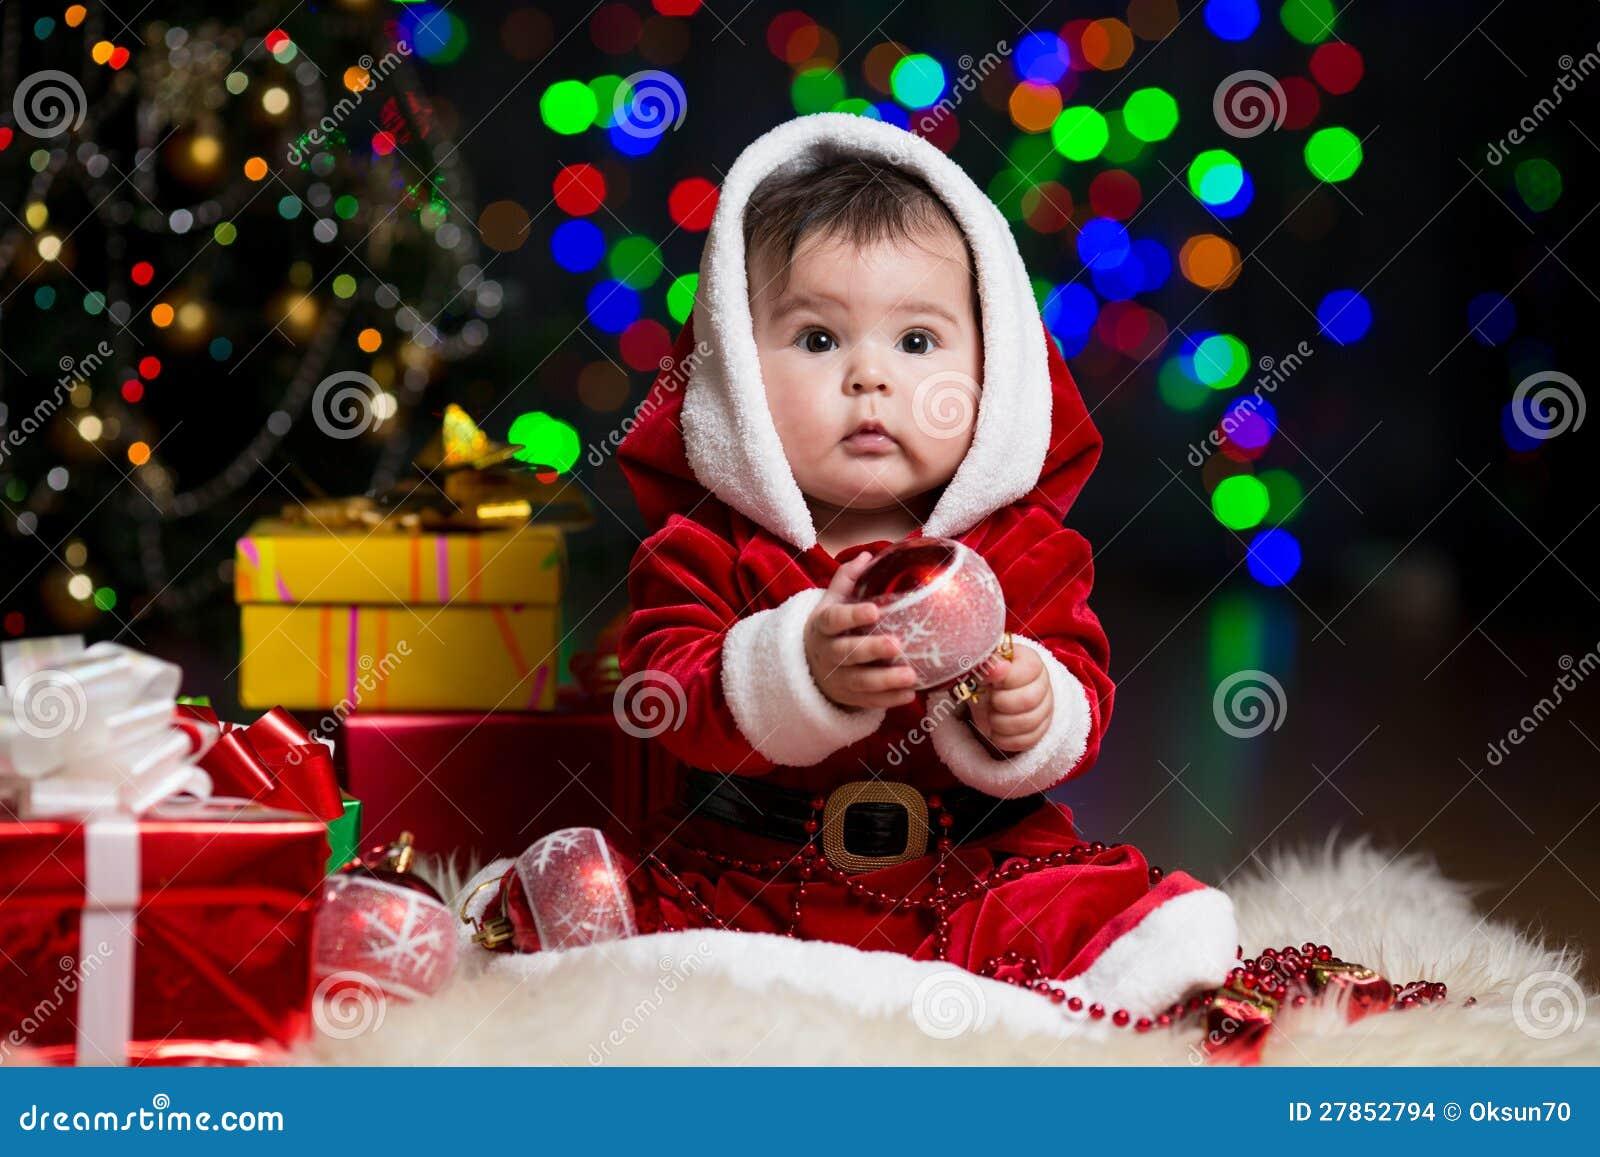 Bambino Il Babbo Natale Vicino All albero Di Natale Con I Regali ... 749808d5f99